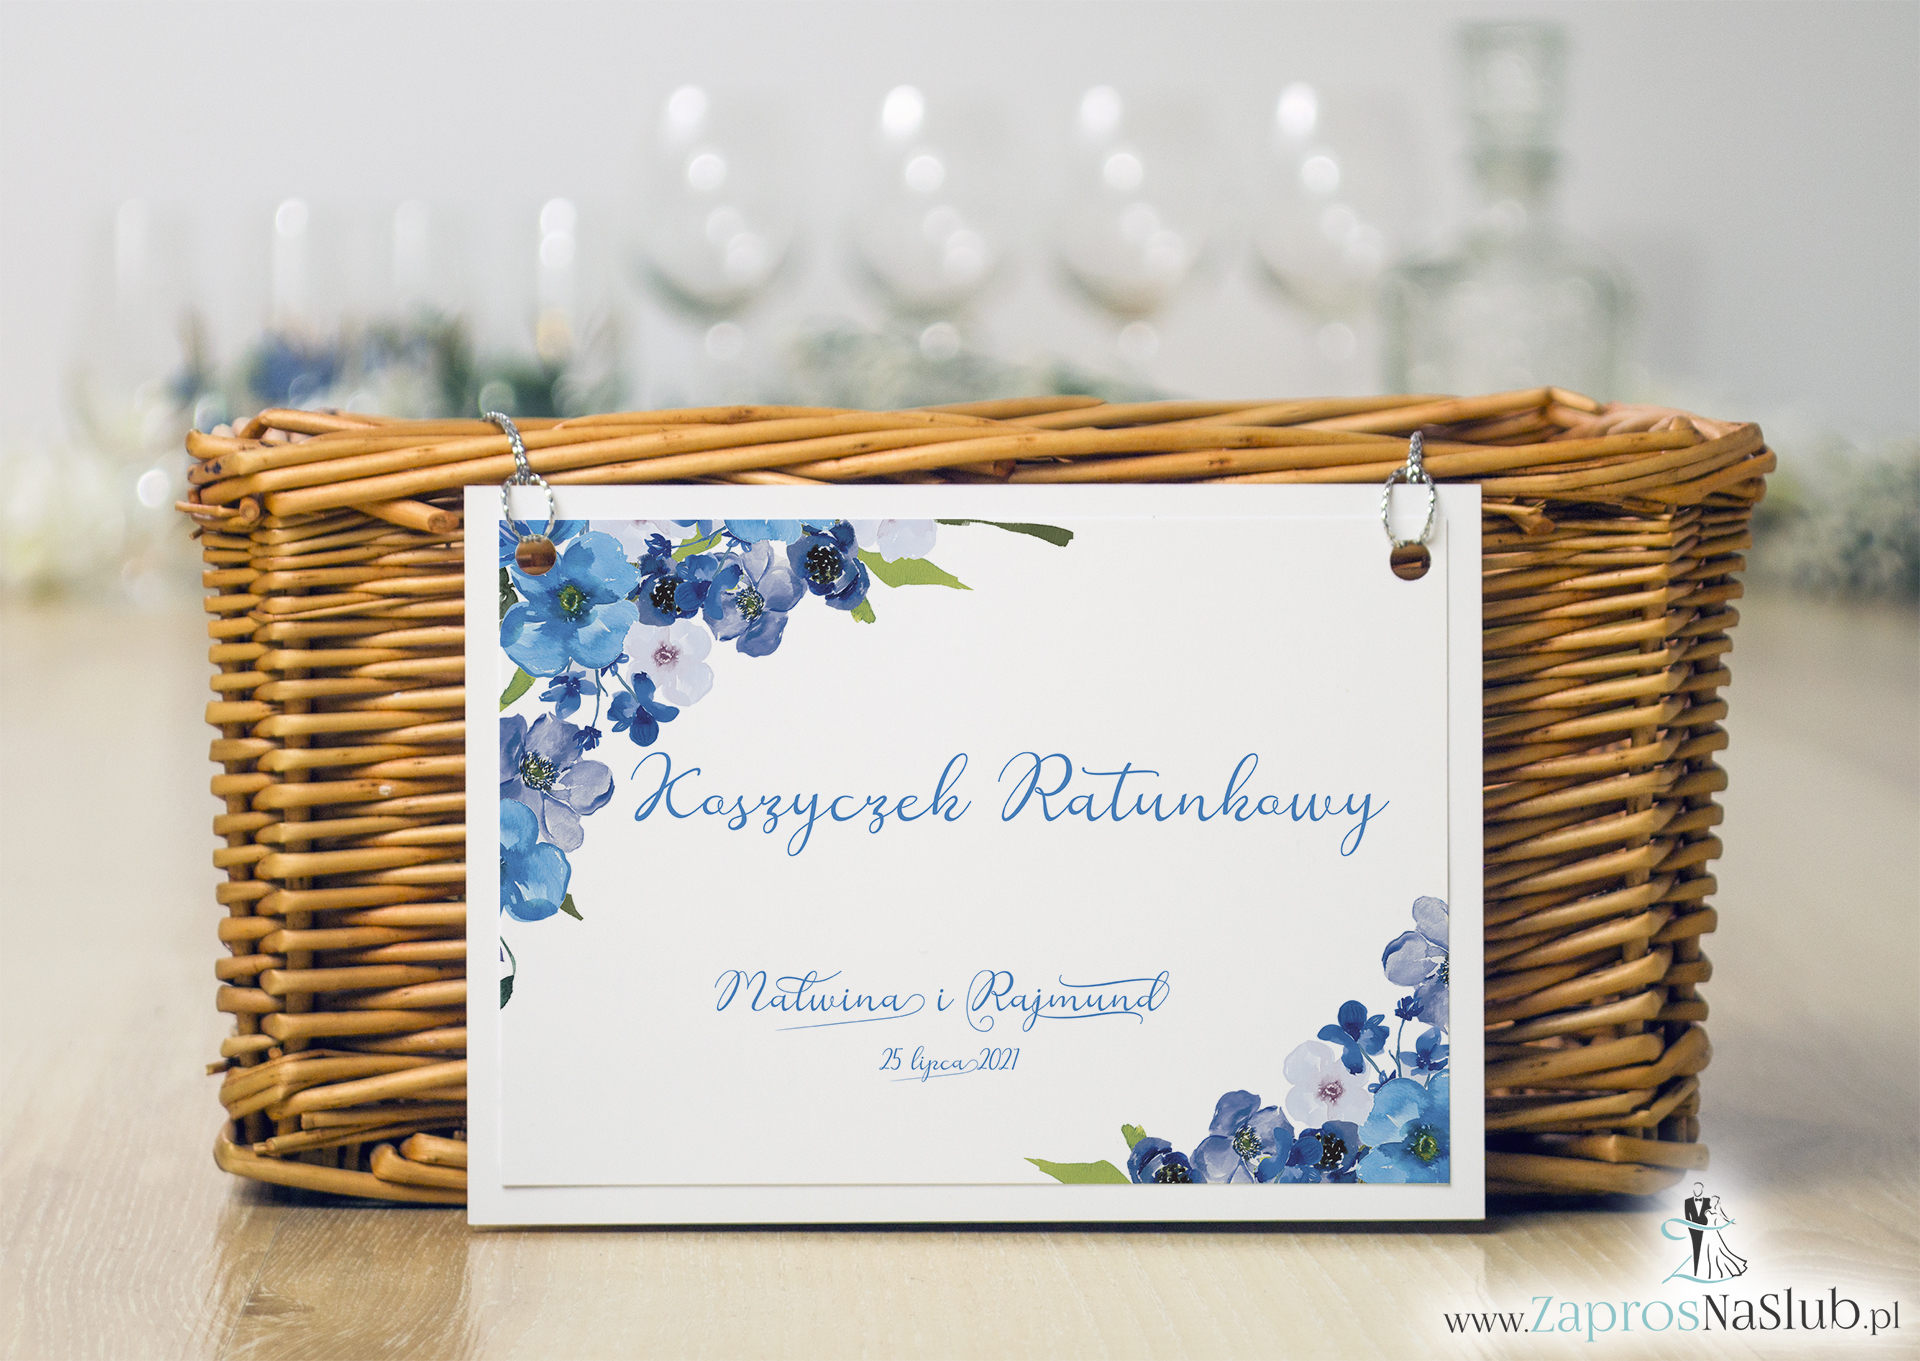 Koszyczek ratunkowy z niebieskimi kwiatami i srebrnym sznurkiem. KOS-10004